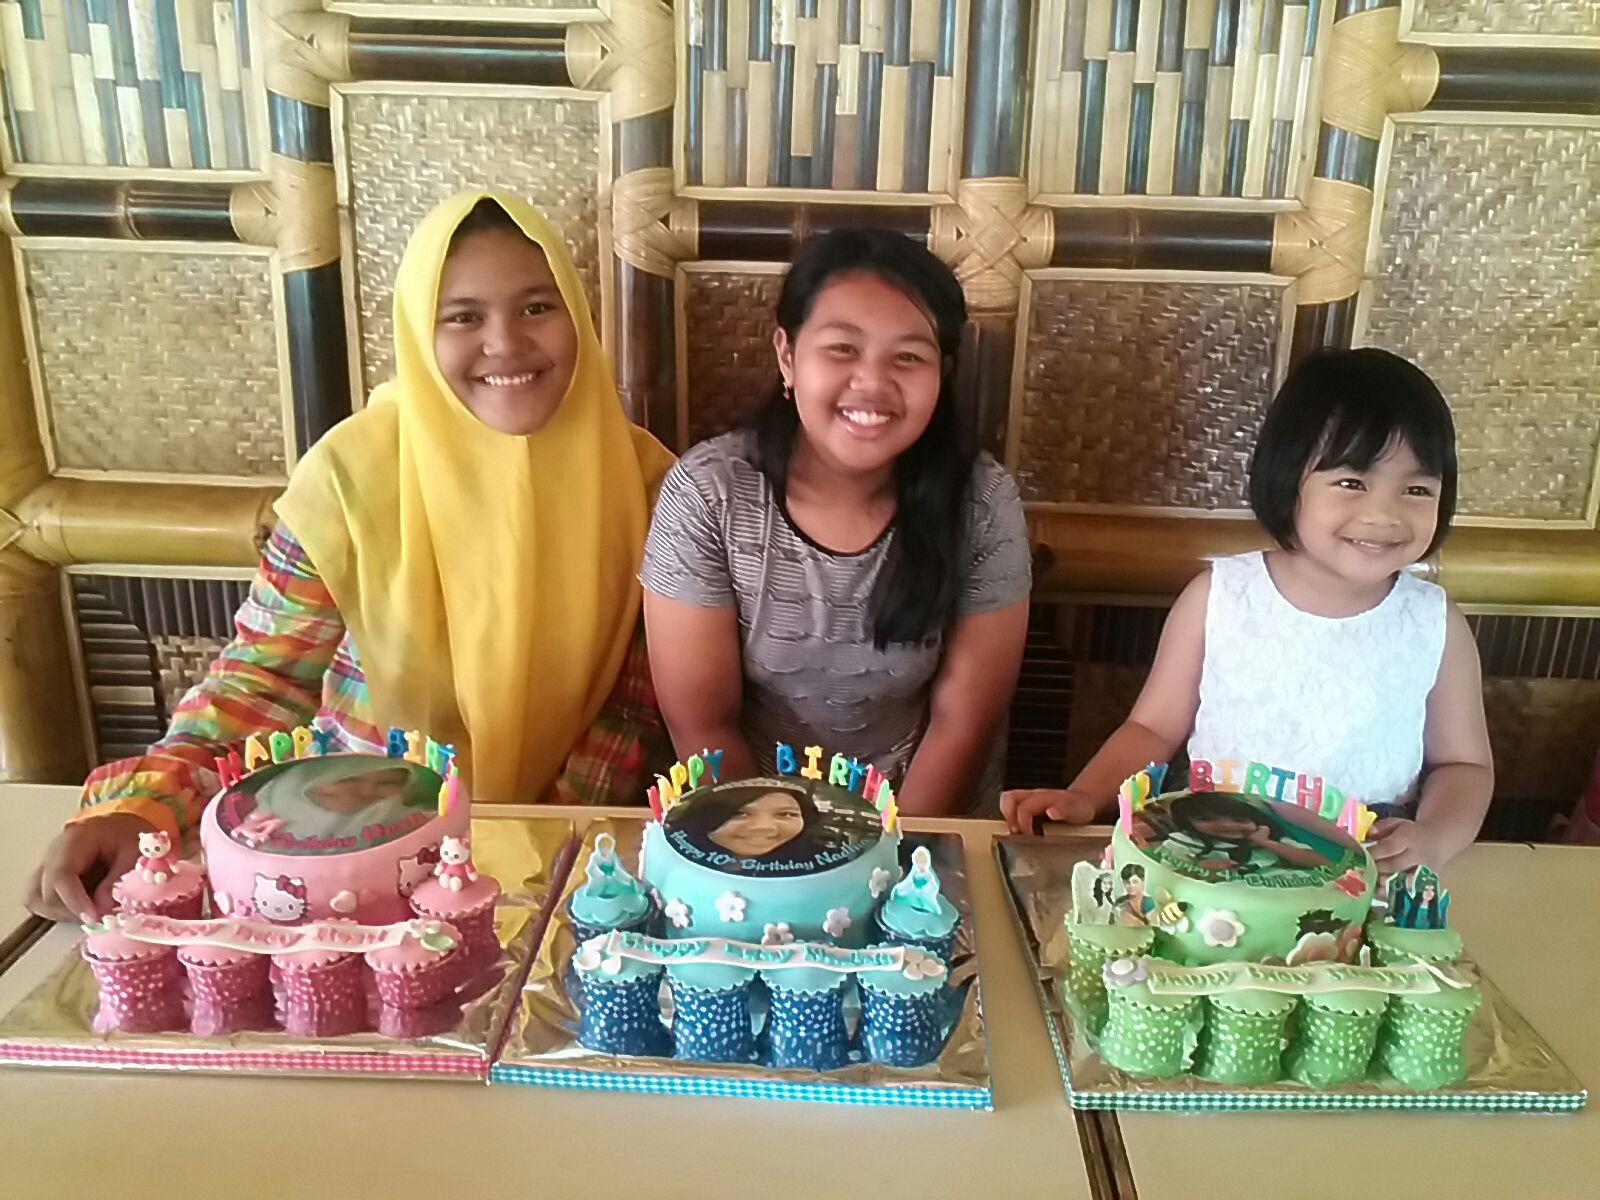 3 Puteri cantik Mba Trie tersenyum bahagia mereka Surprise mendapat kejutan dari Mama Papanya